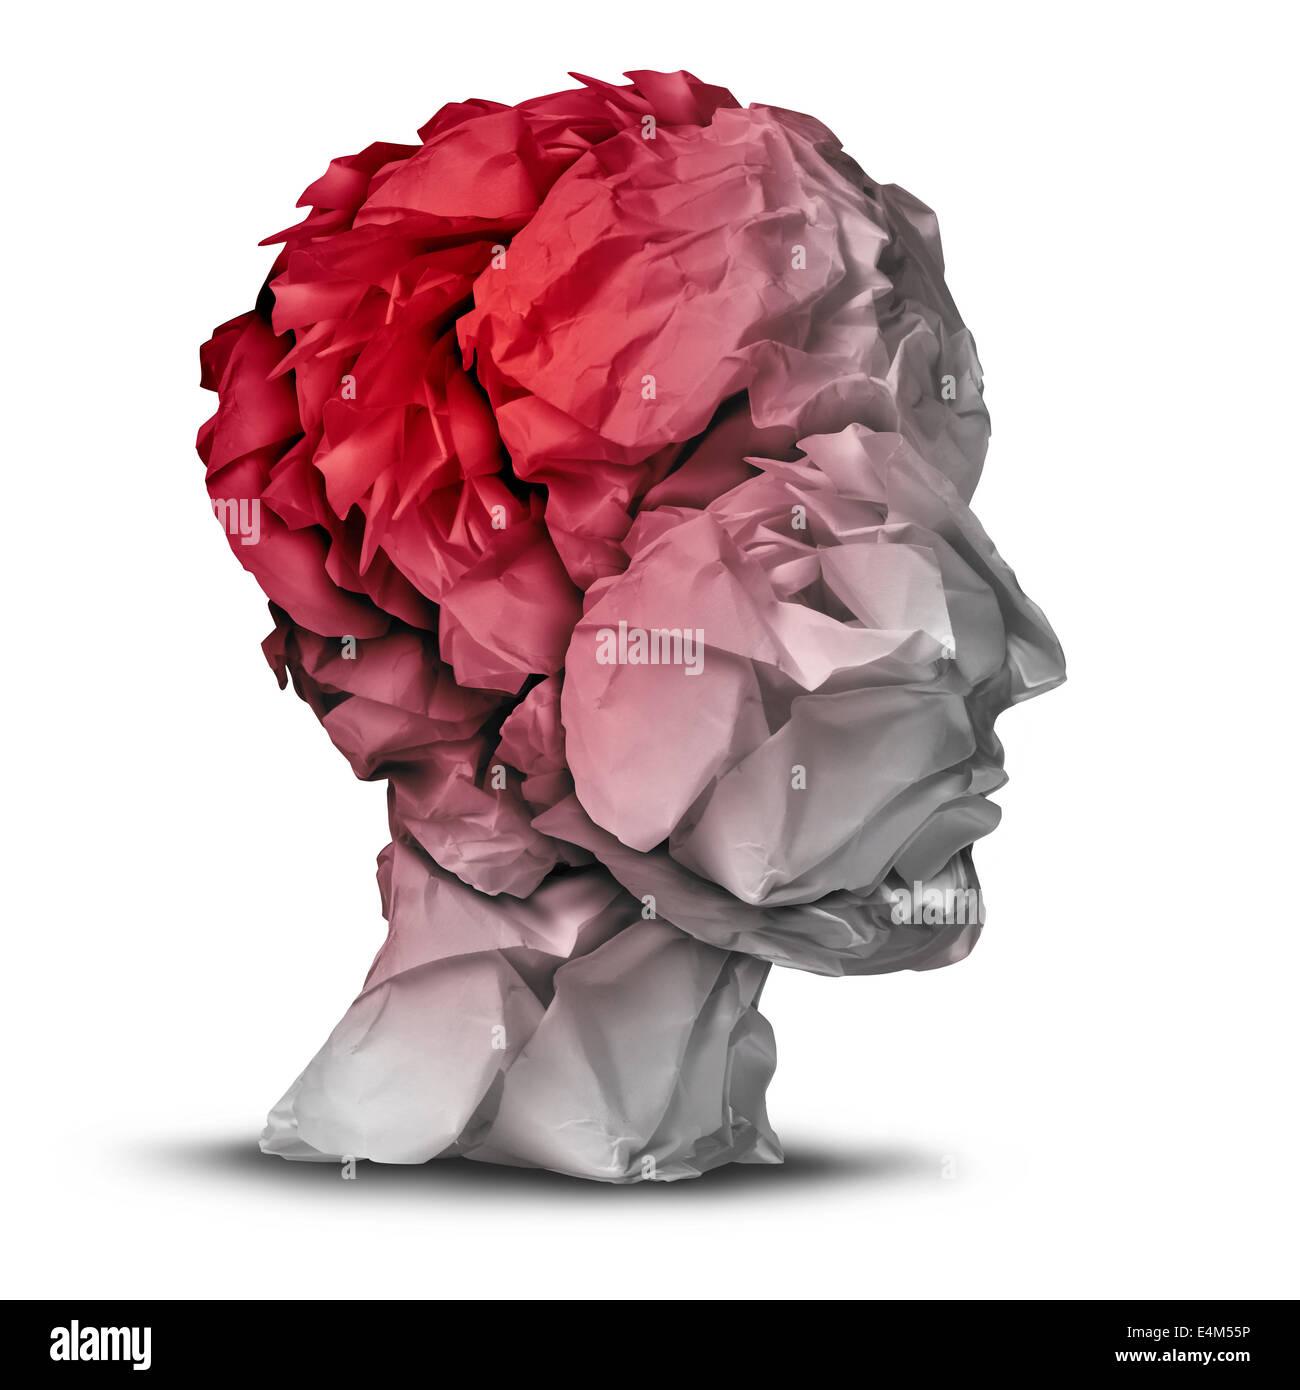 Kopfverletzungen und Schädel-Hirn-Unfall, die medizinische und psychische Gesundheit Konzept mit einer Gruppe Stockbild